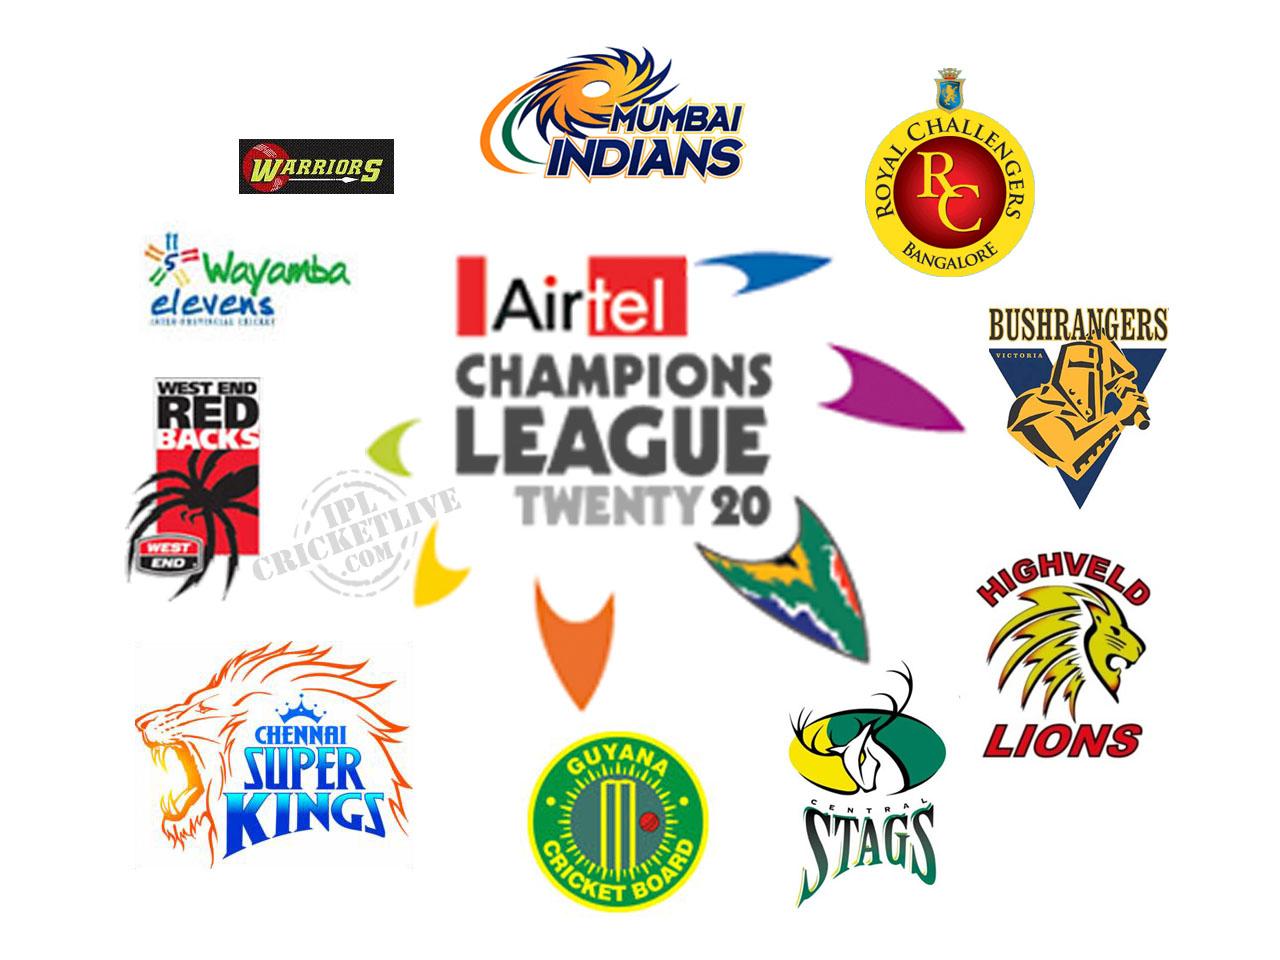 IPL 2016, Indian Premier League 2016 - Airtel Champions League 2010 ...